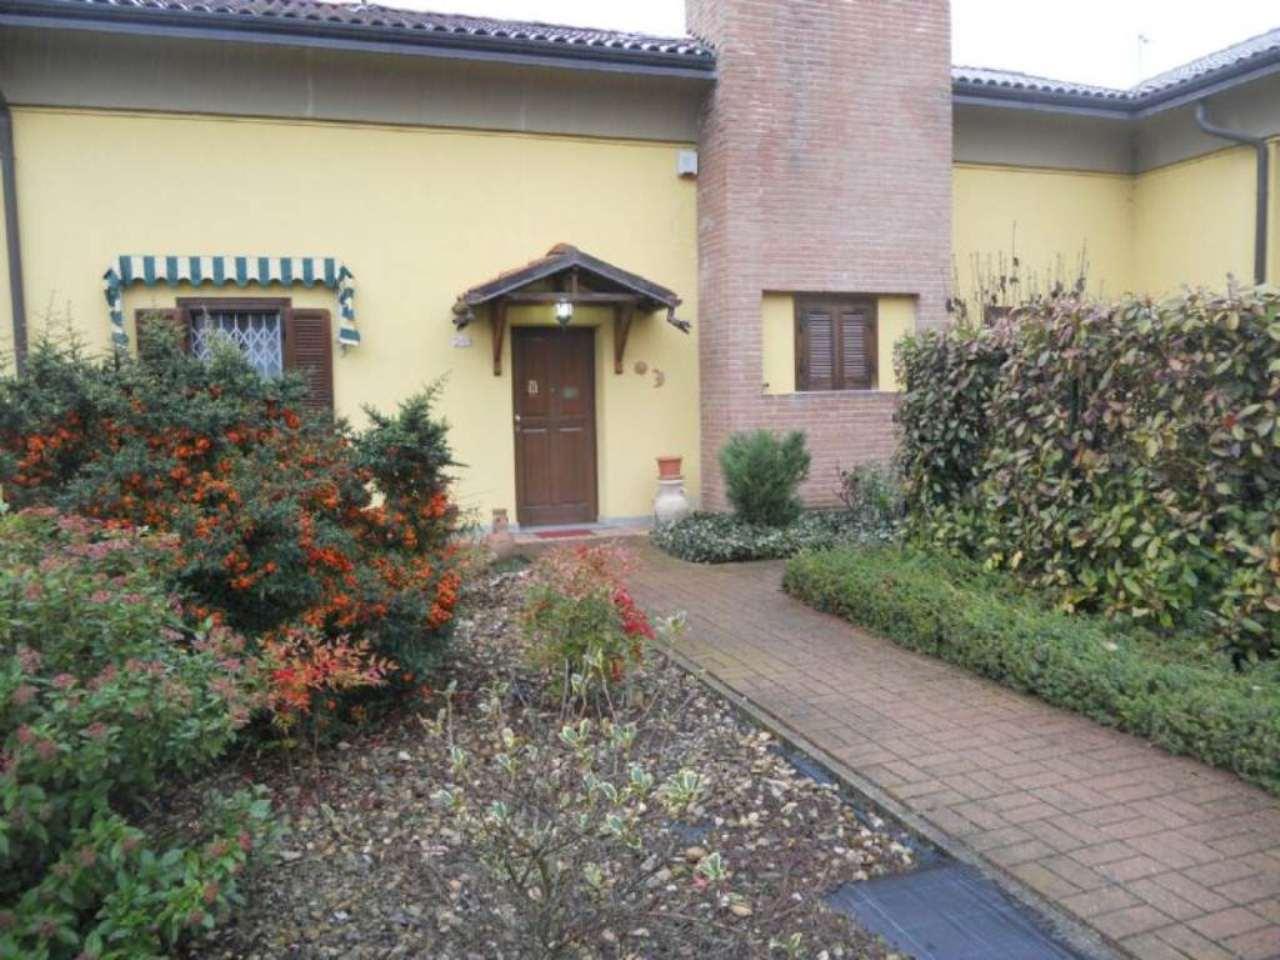 Villa-Villetta Villa in Vendita a Pecetto Torinese